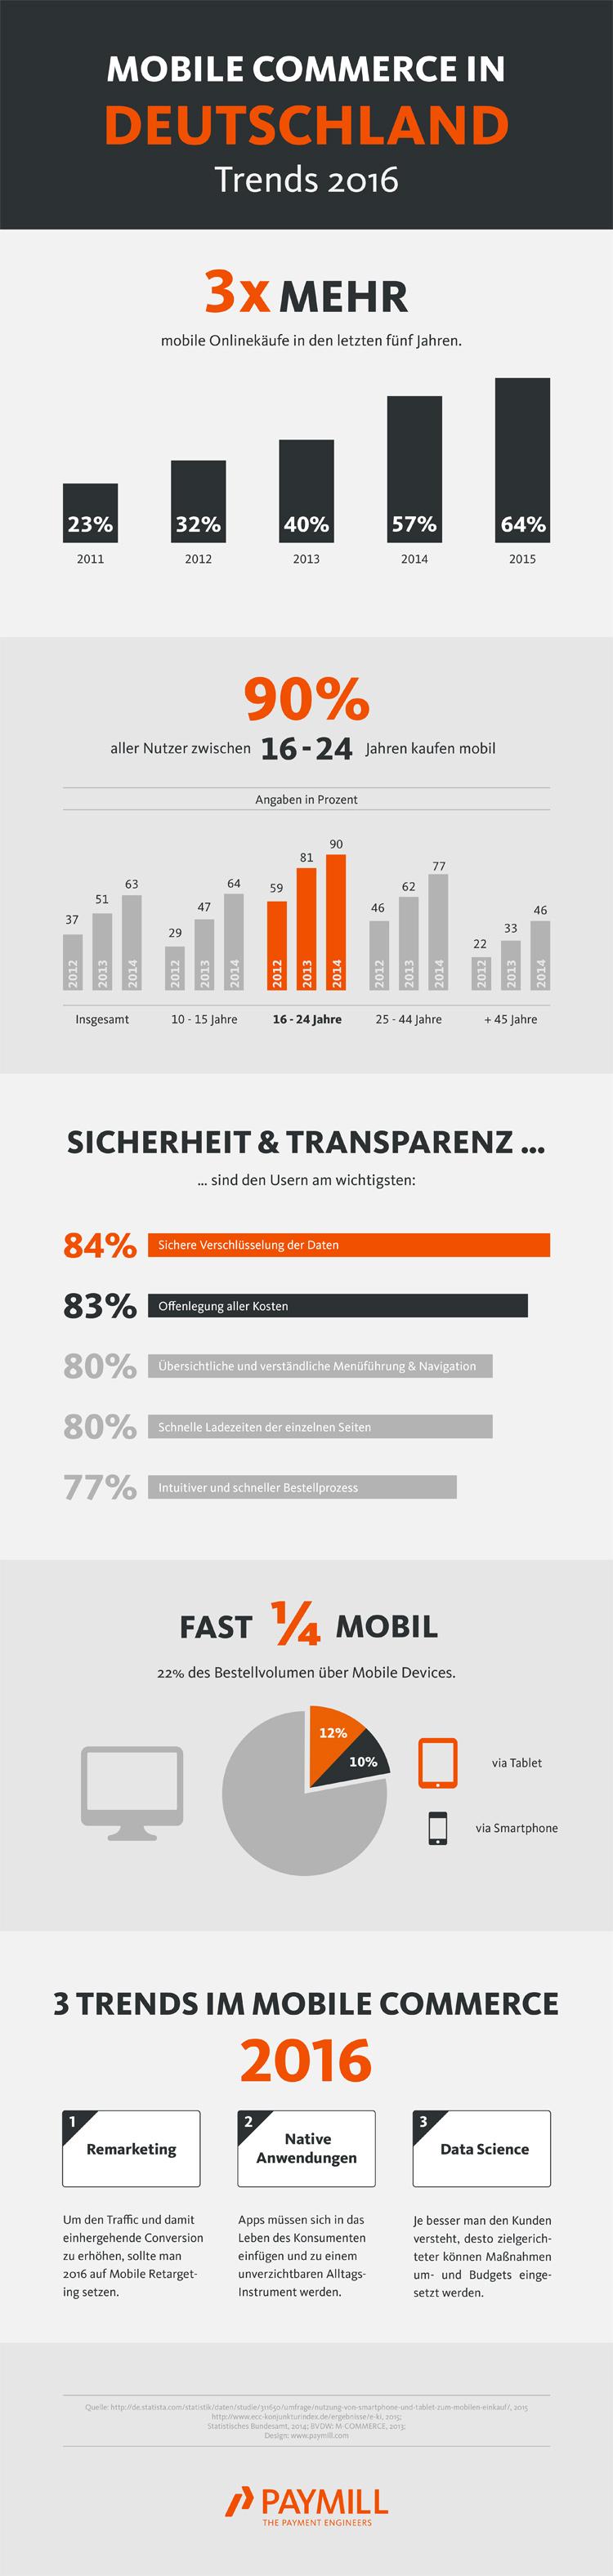 Trends beim Mobile Commerce in Deutschland 2016